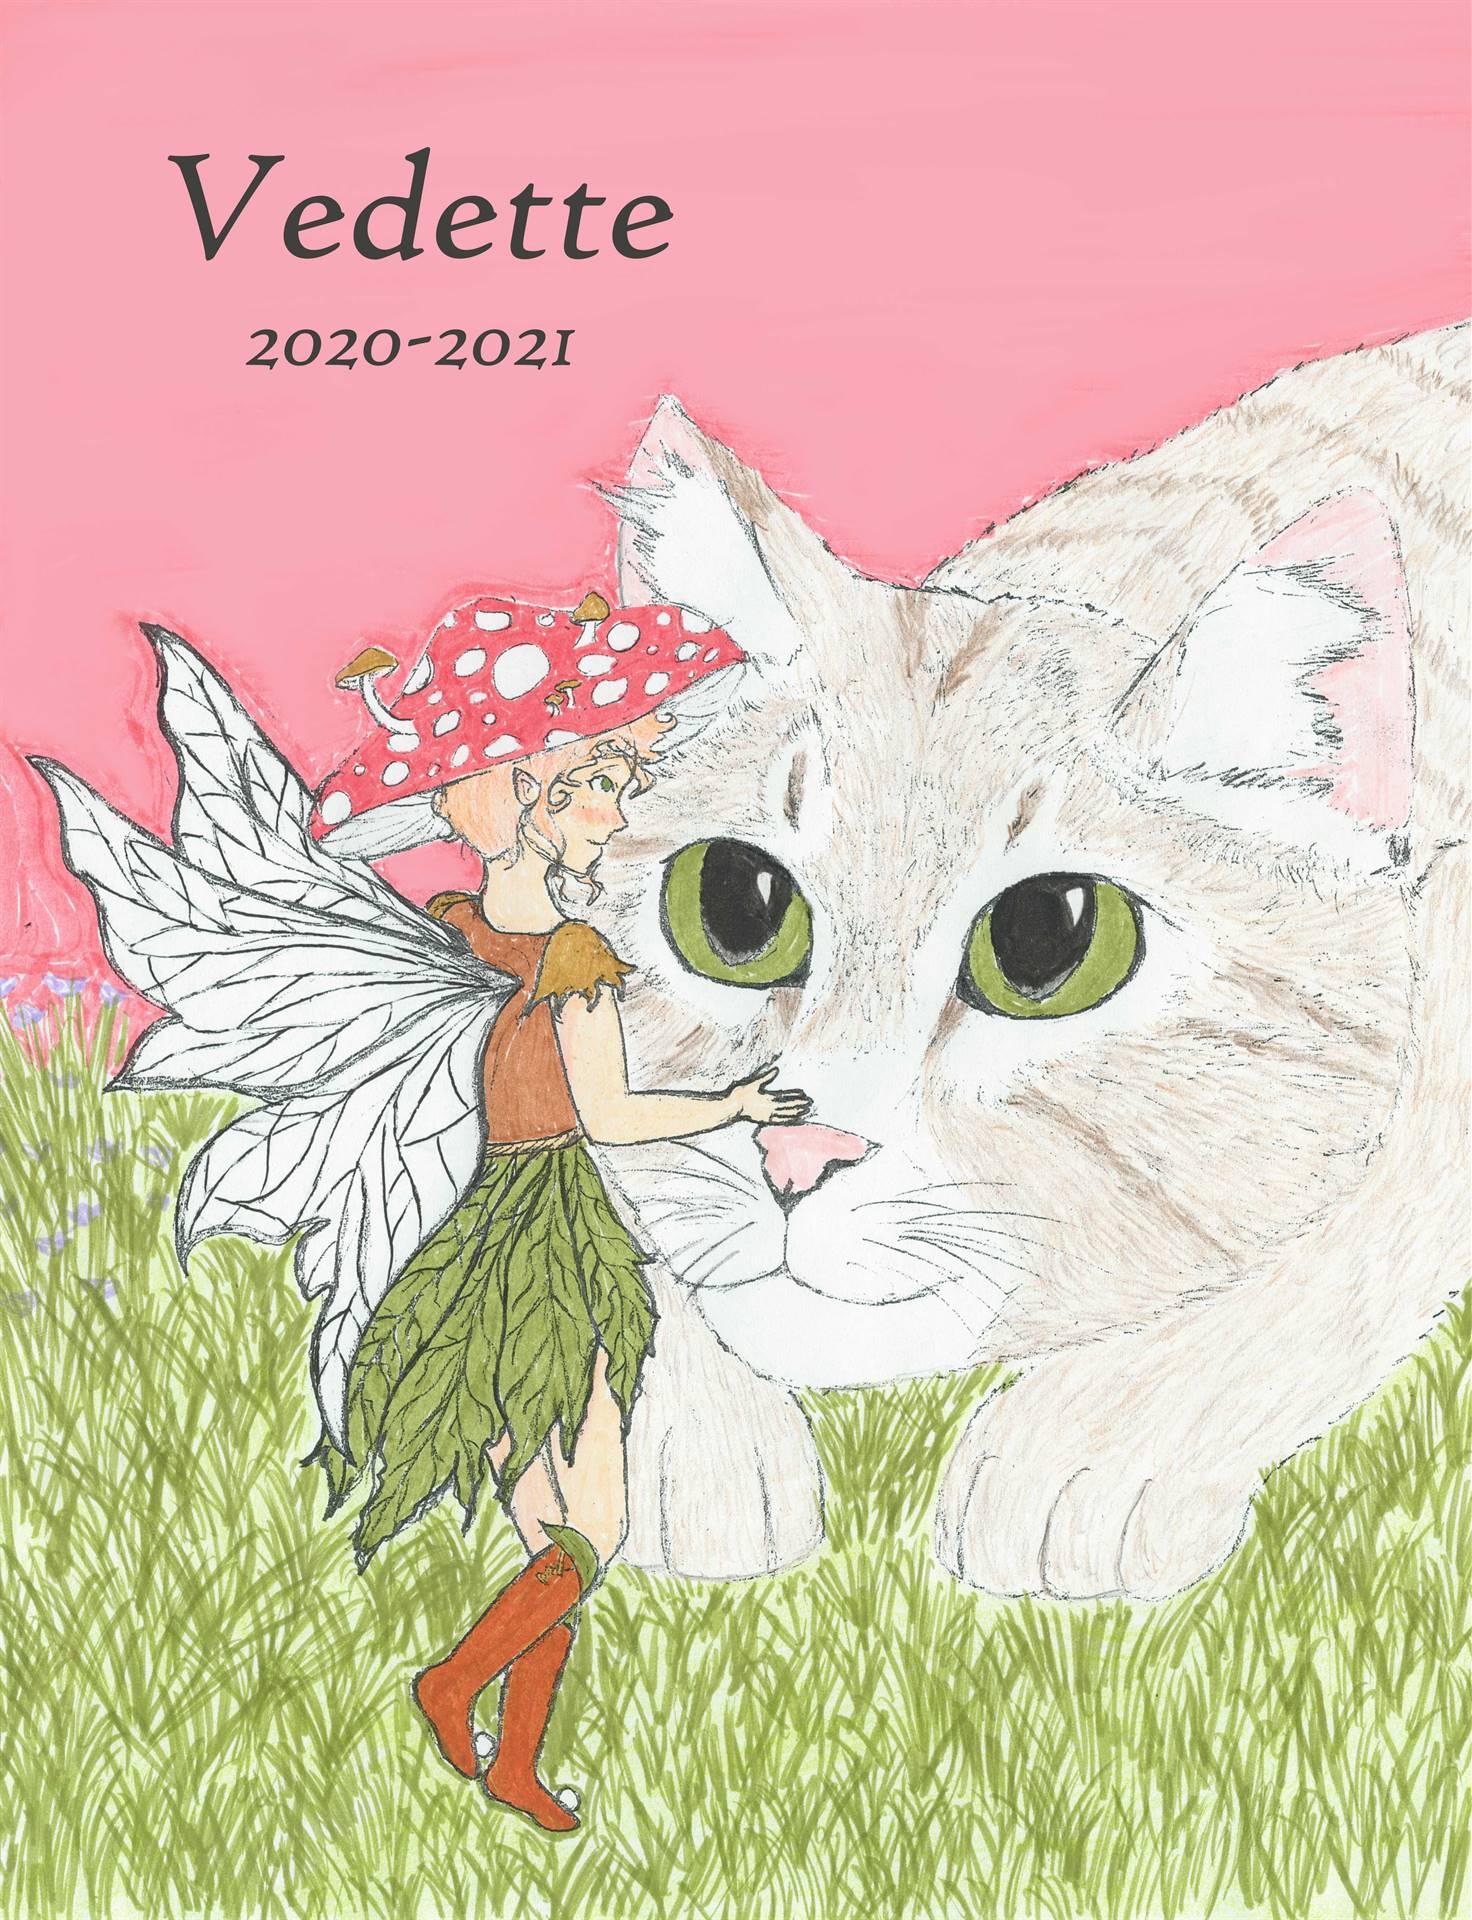 Vedette Cover 2020-2021